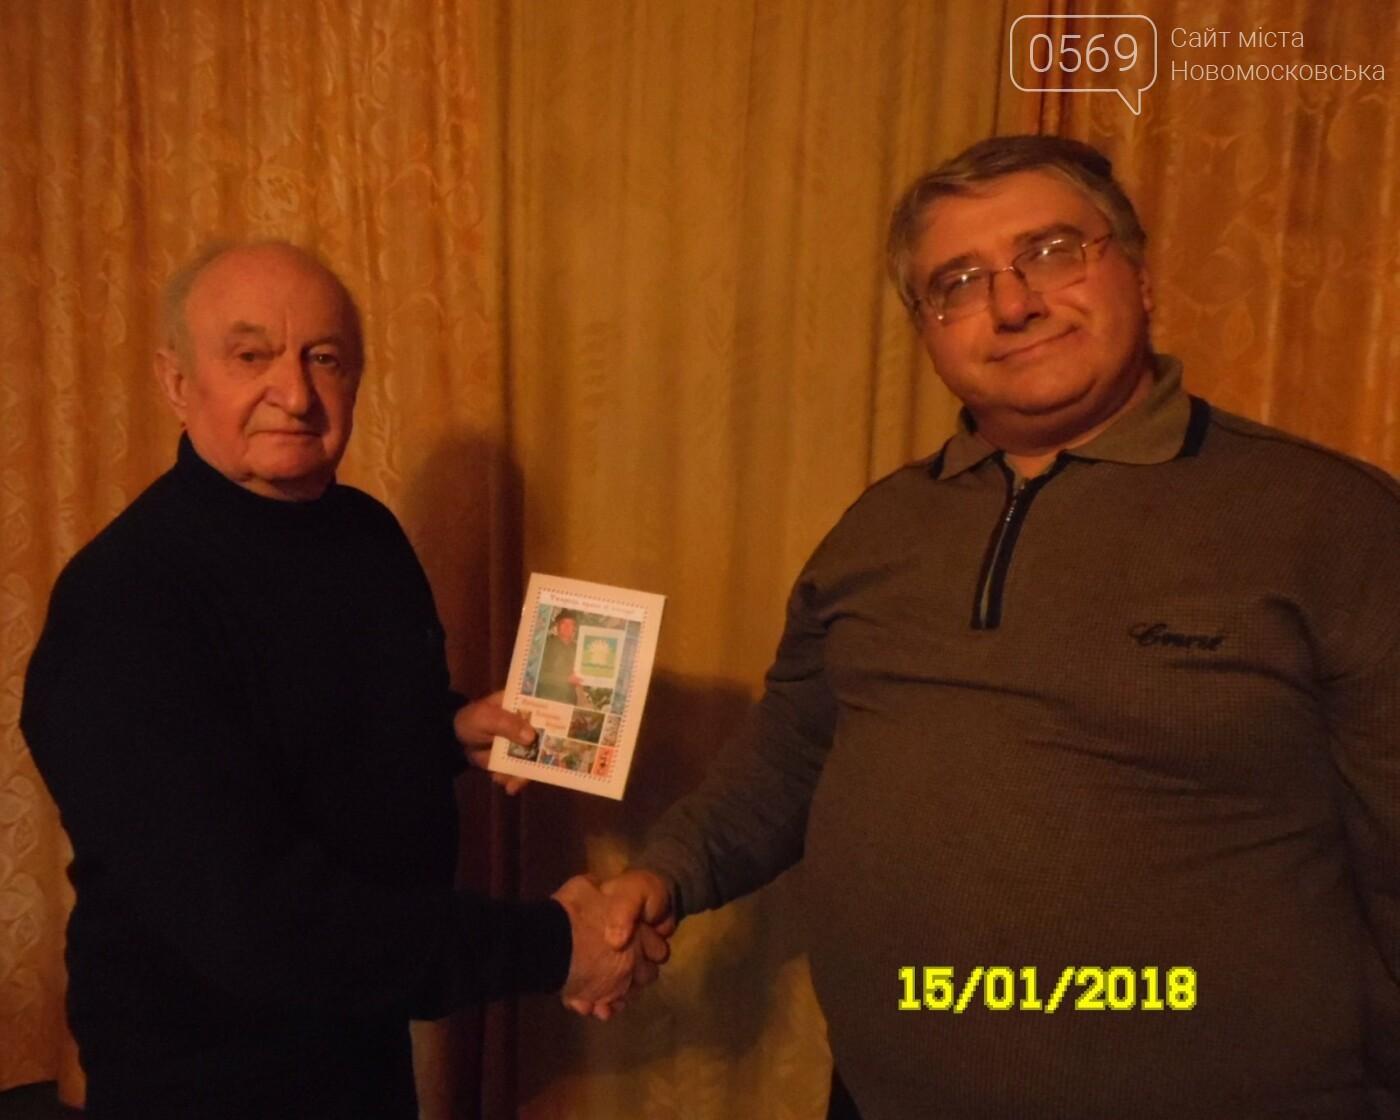 В Новомосковську видали книгу, присвячену відомому митцю, фото-6